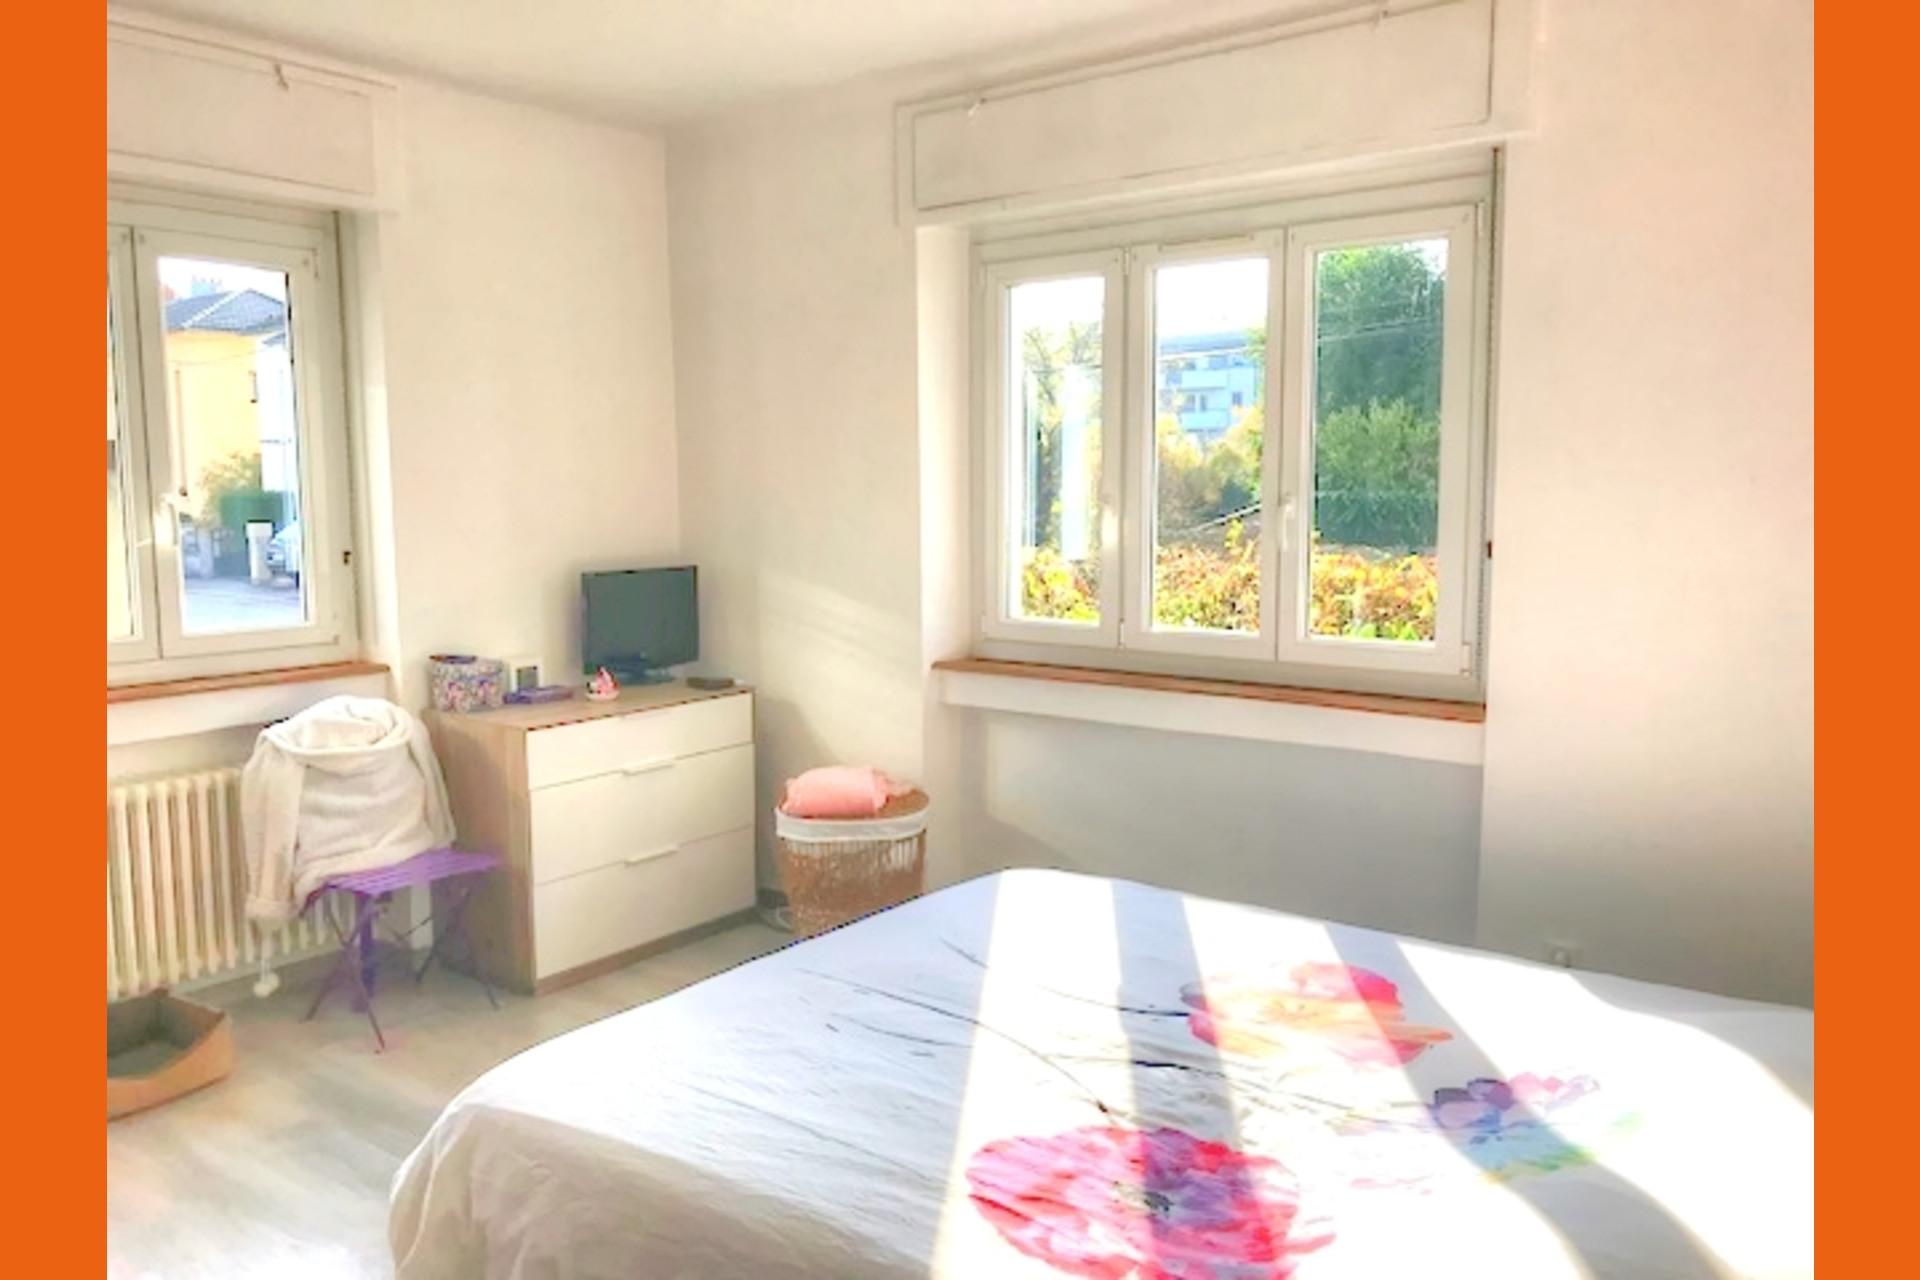 image 4 - Appartement À louer Montigny-lès-Metz - 4 pièces